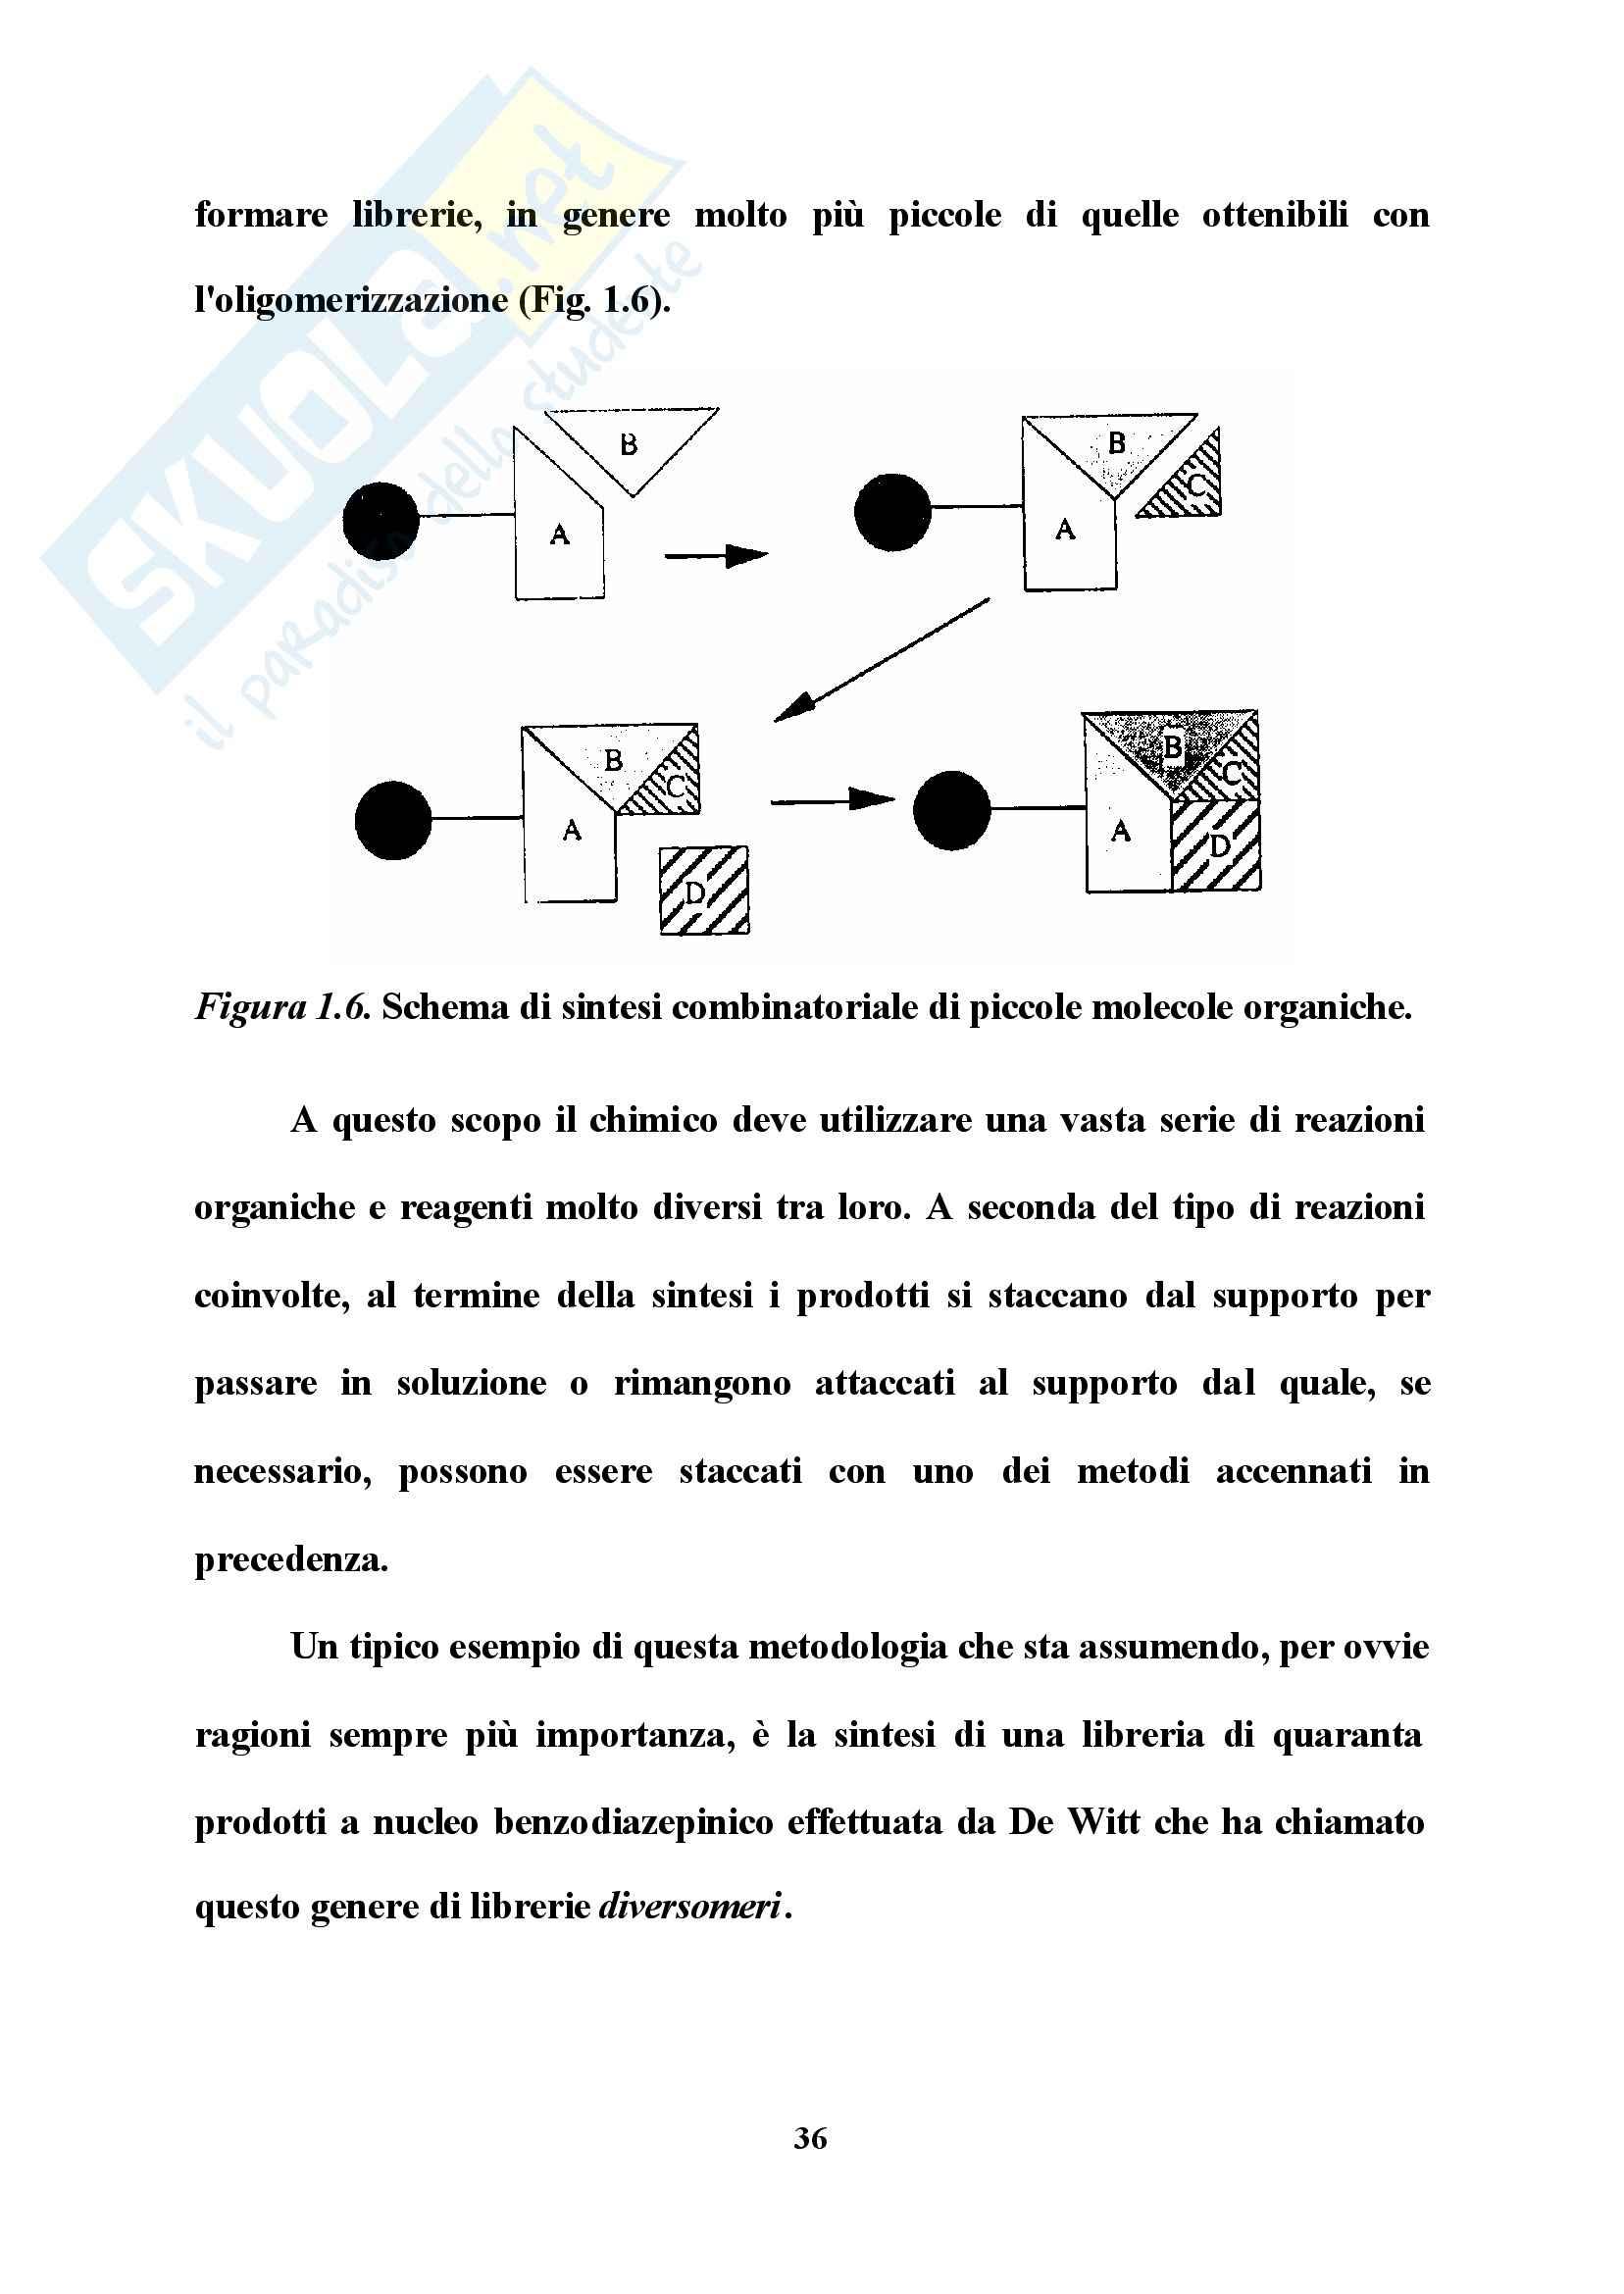 Chimica farmaceutica - progettazione di farmaci a partire dal LEAD 1 Pag. 36